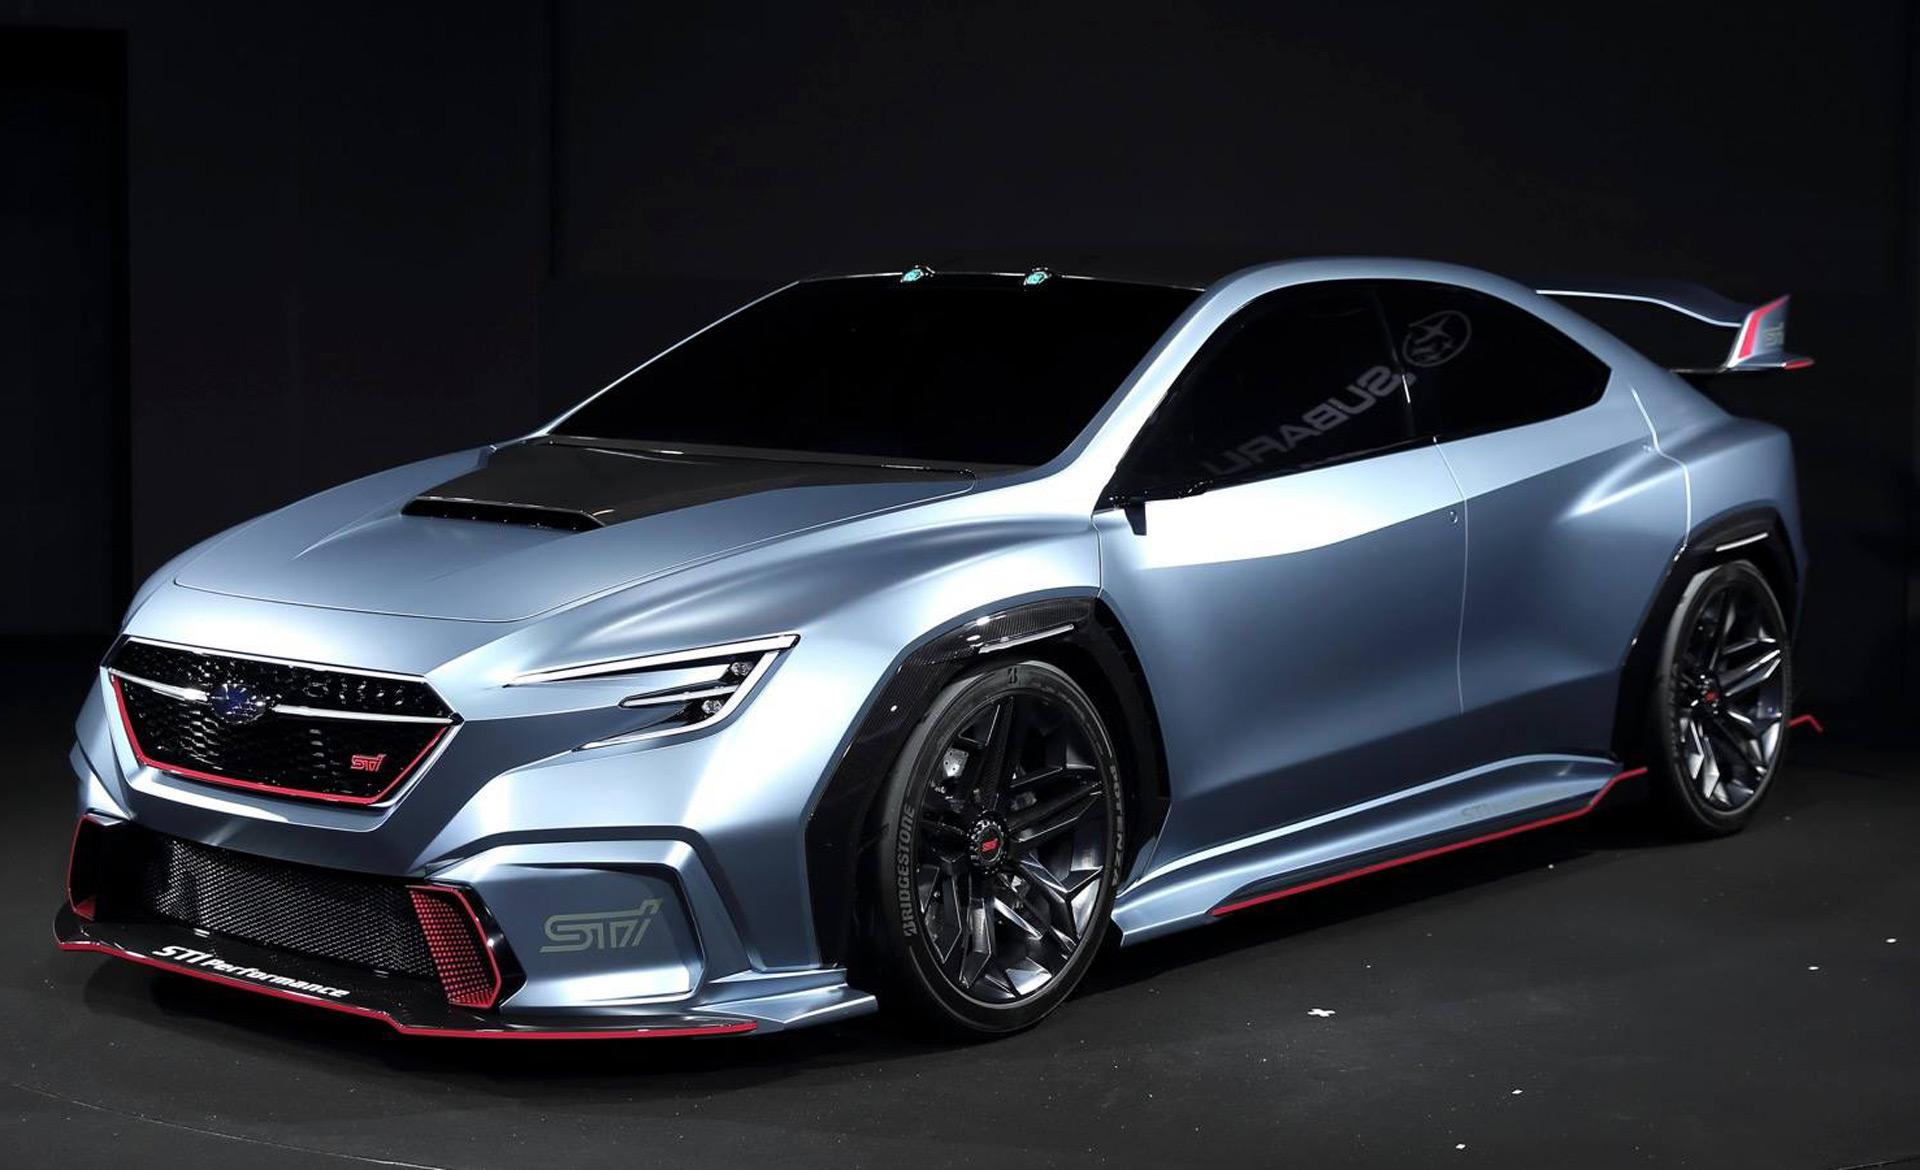 Subaru Viziv Performance STI concept debuts, could hint at